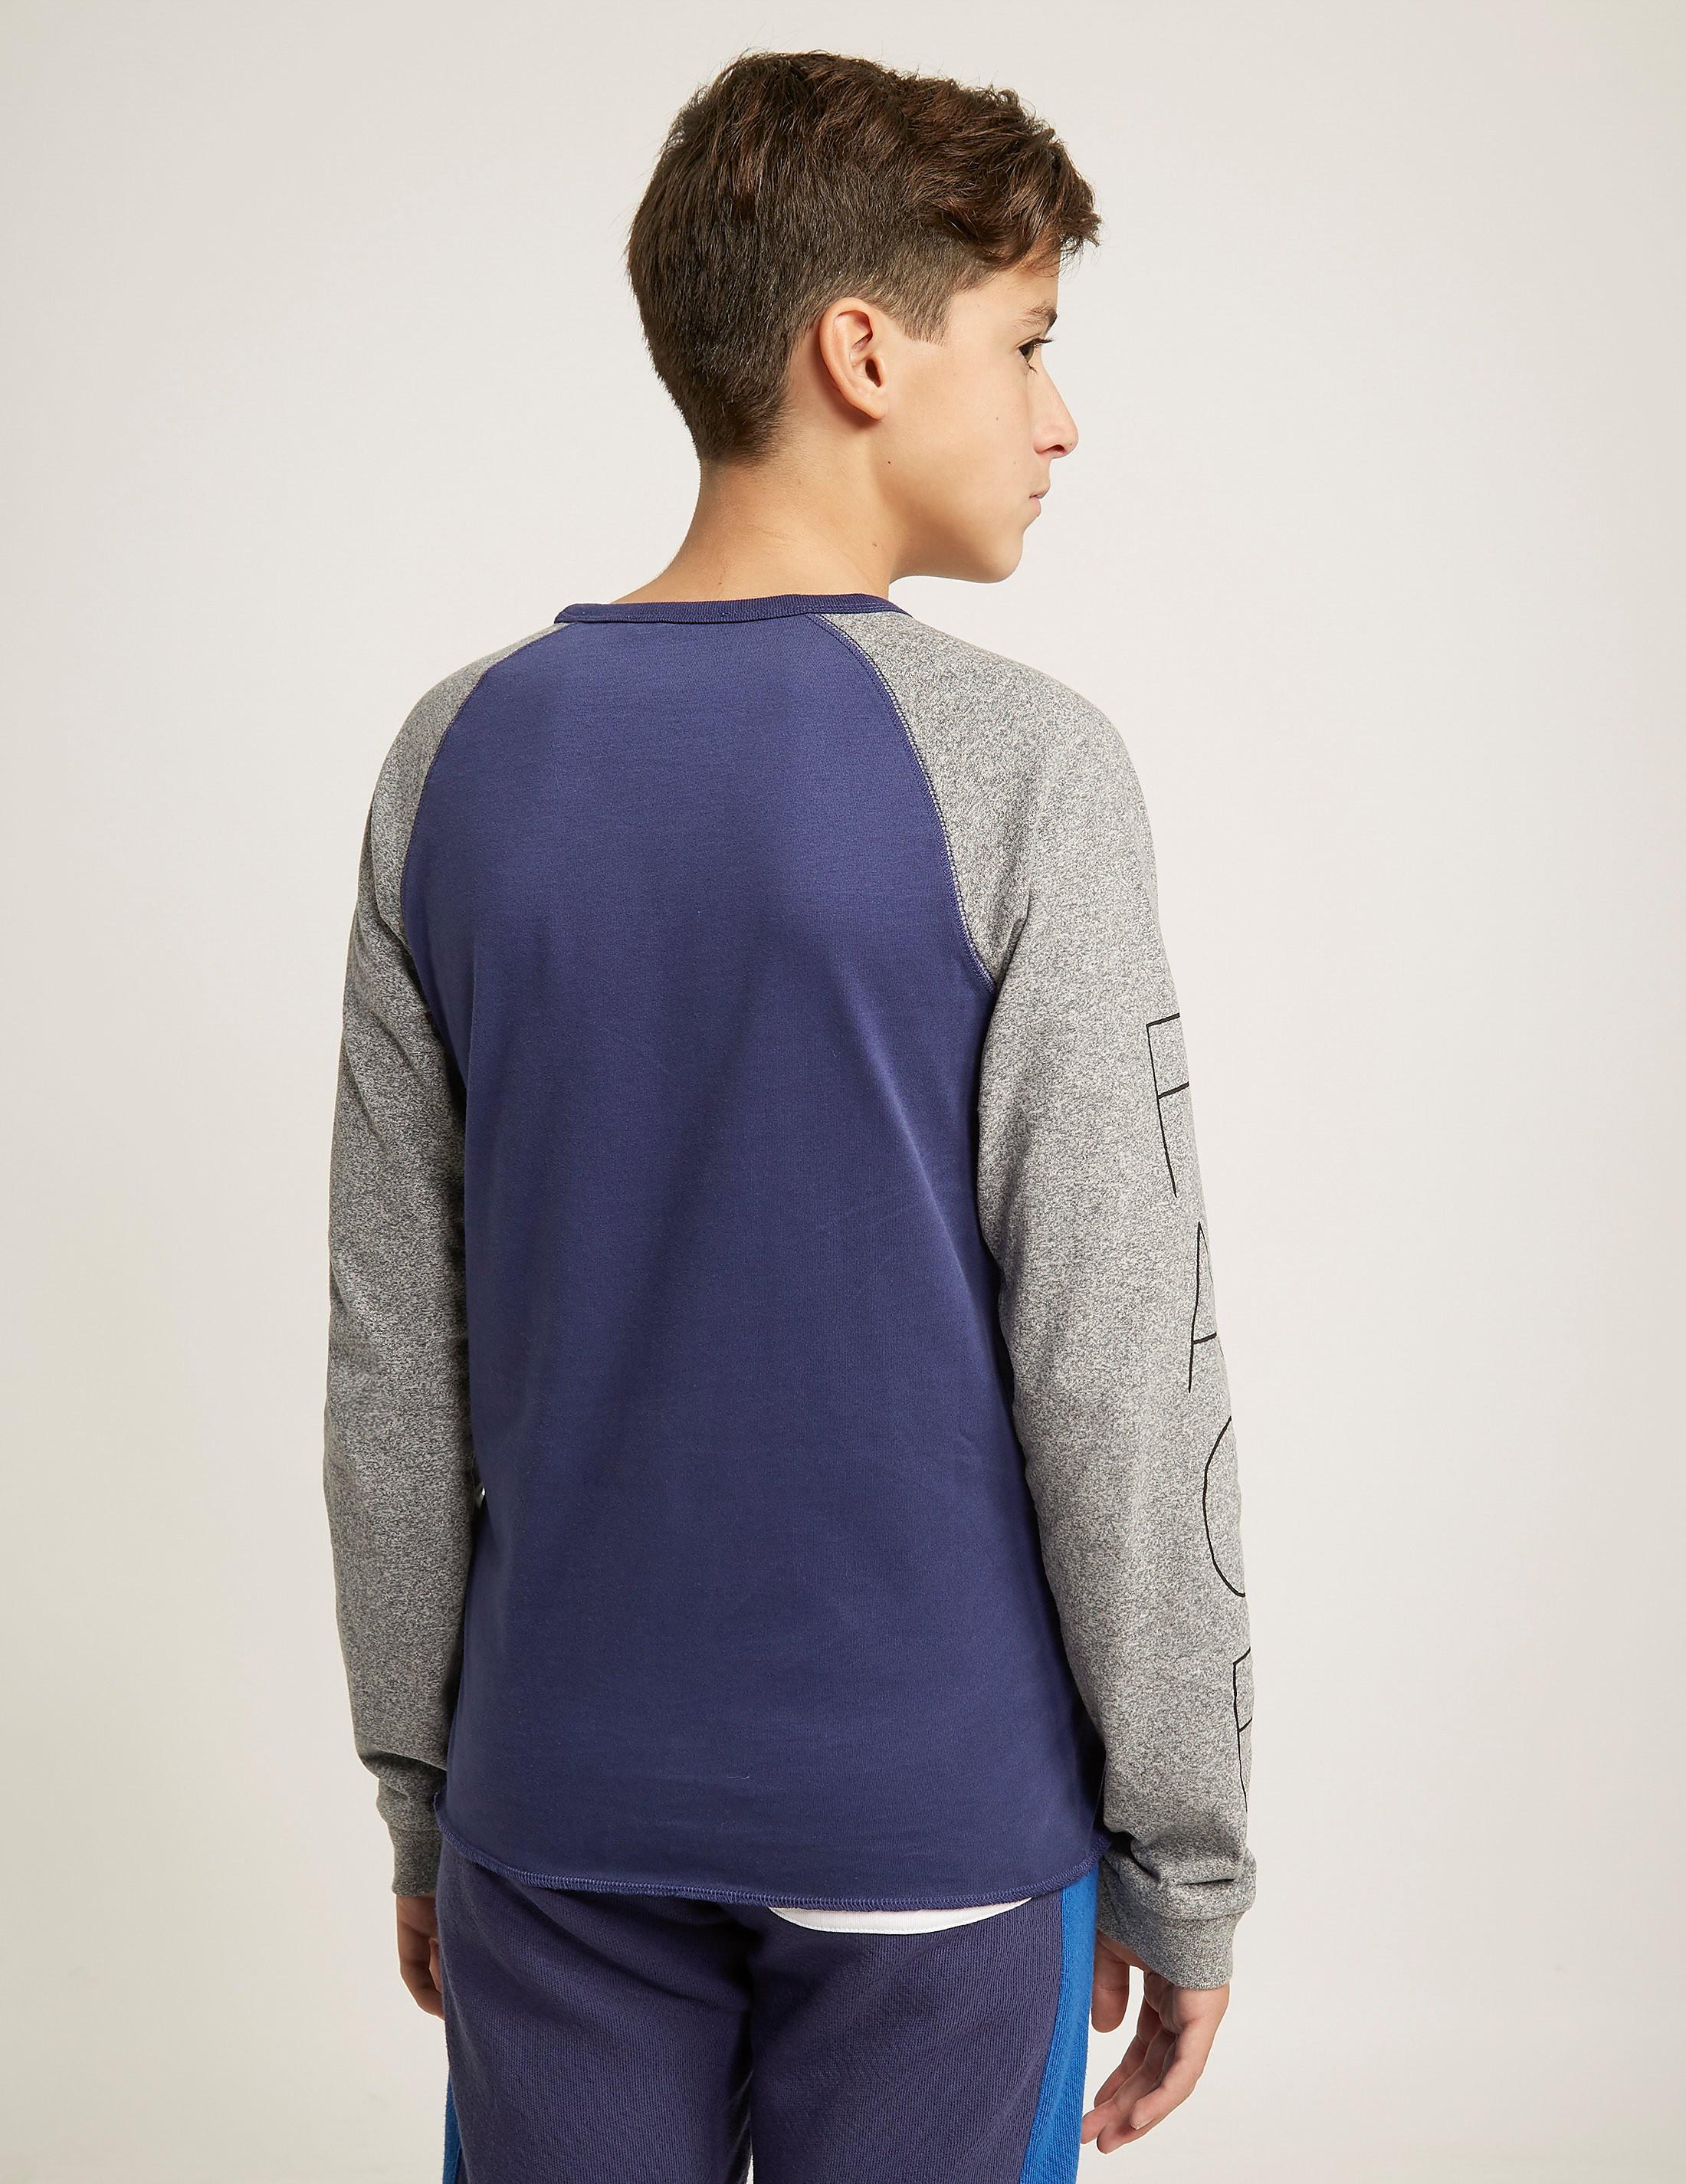 Little Marc Jacobs Kids' Long Sleeve T-Shirt